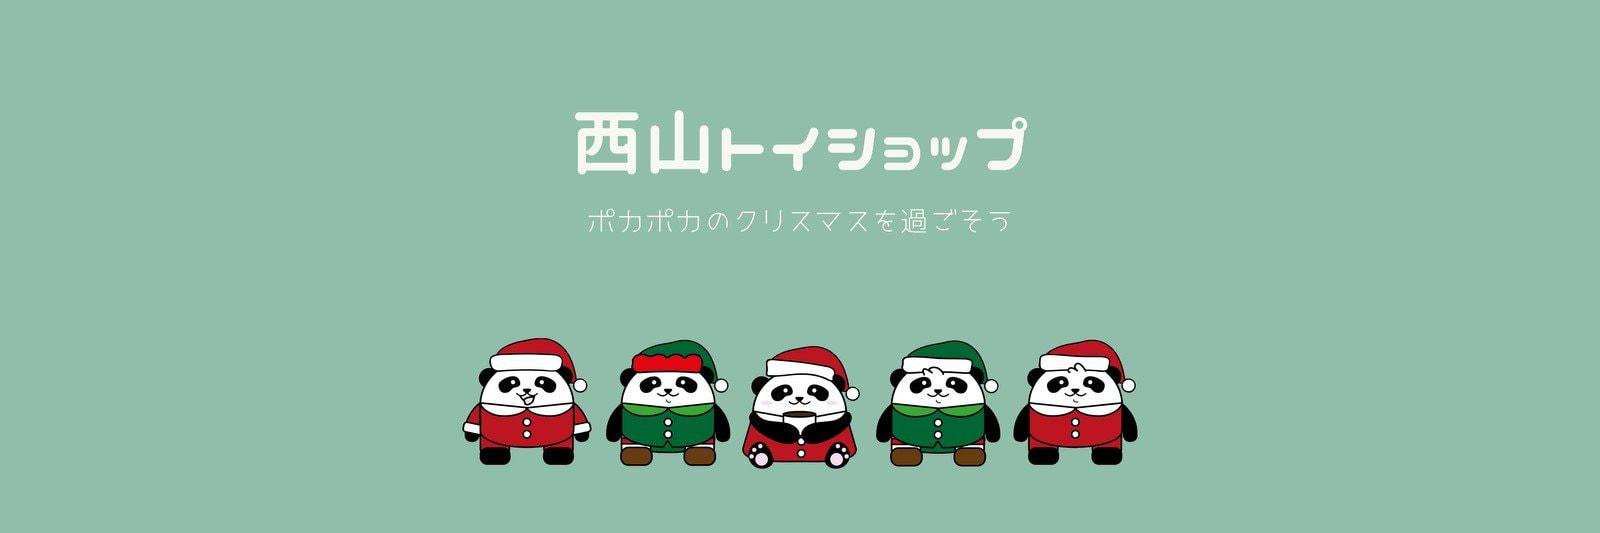 緑 赤 サンタ パンダ 家族 Twitterヘッダー